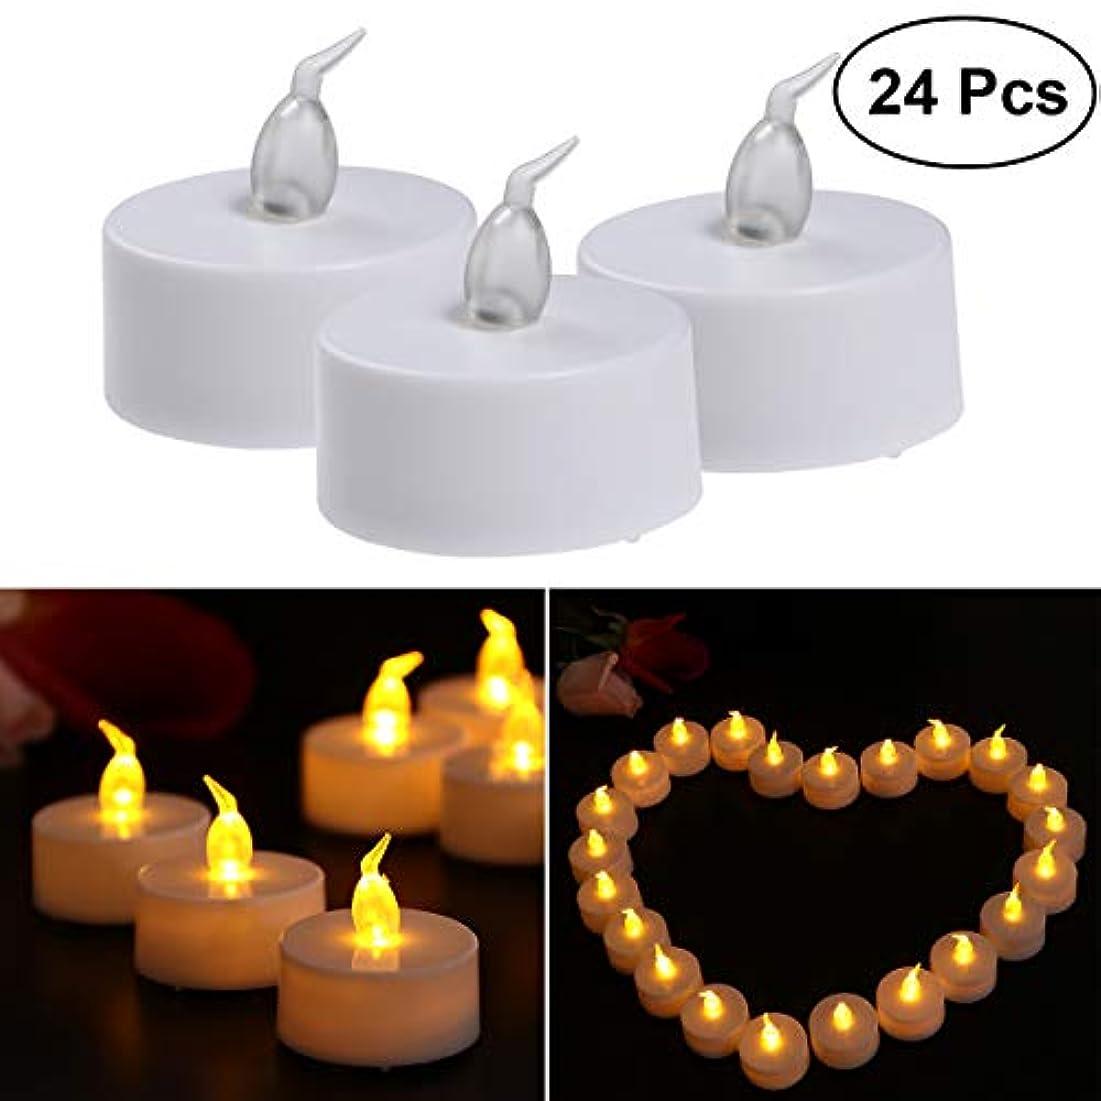 電気放棄されたどちらもVosarea キャンドル ライト LED キャンドルを点灯 電池で動作 プラスチック 誕生日 祭り 祝賀 3.8×4.2cm 24ピース(黄色のフラッシュライト)